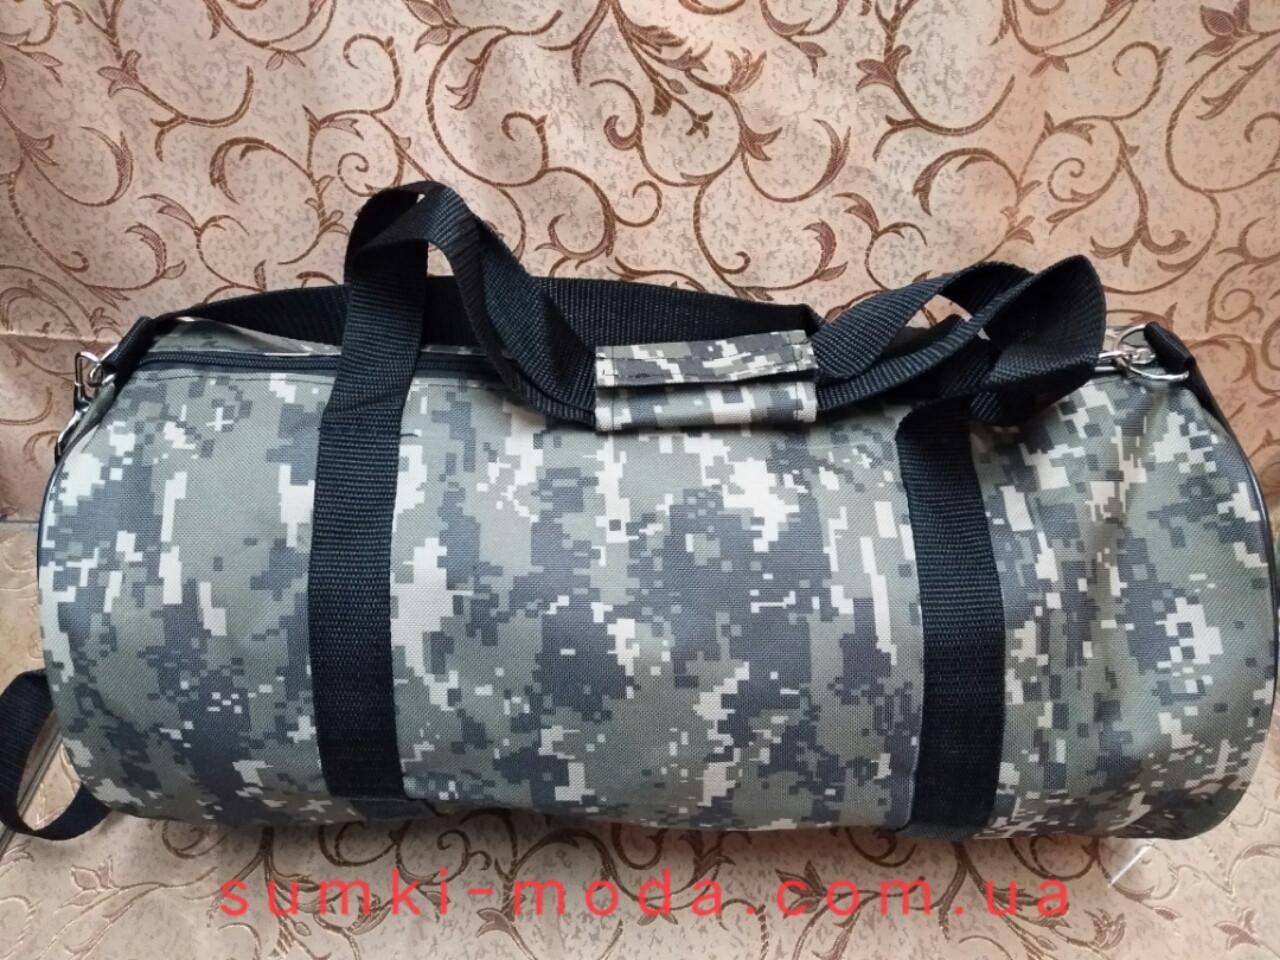 Спортивная Дорожная Камуфляж сумка только ОПТ/СПОРТ Спортивная дорожная сумка